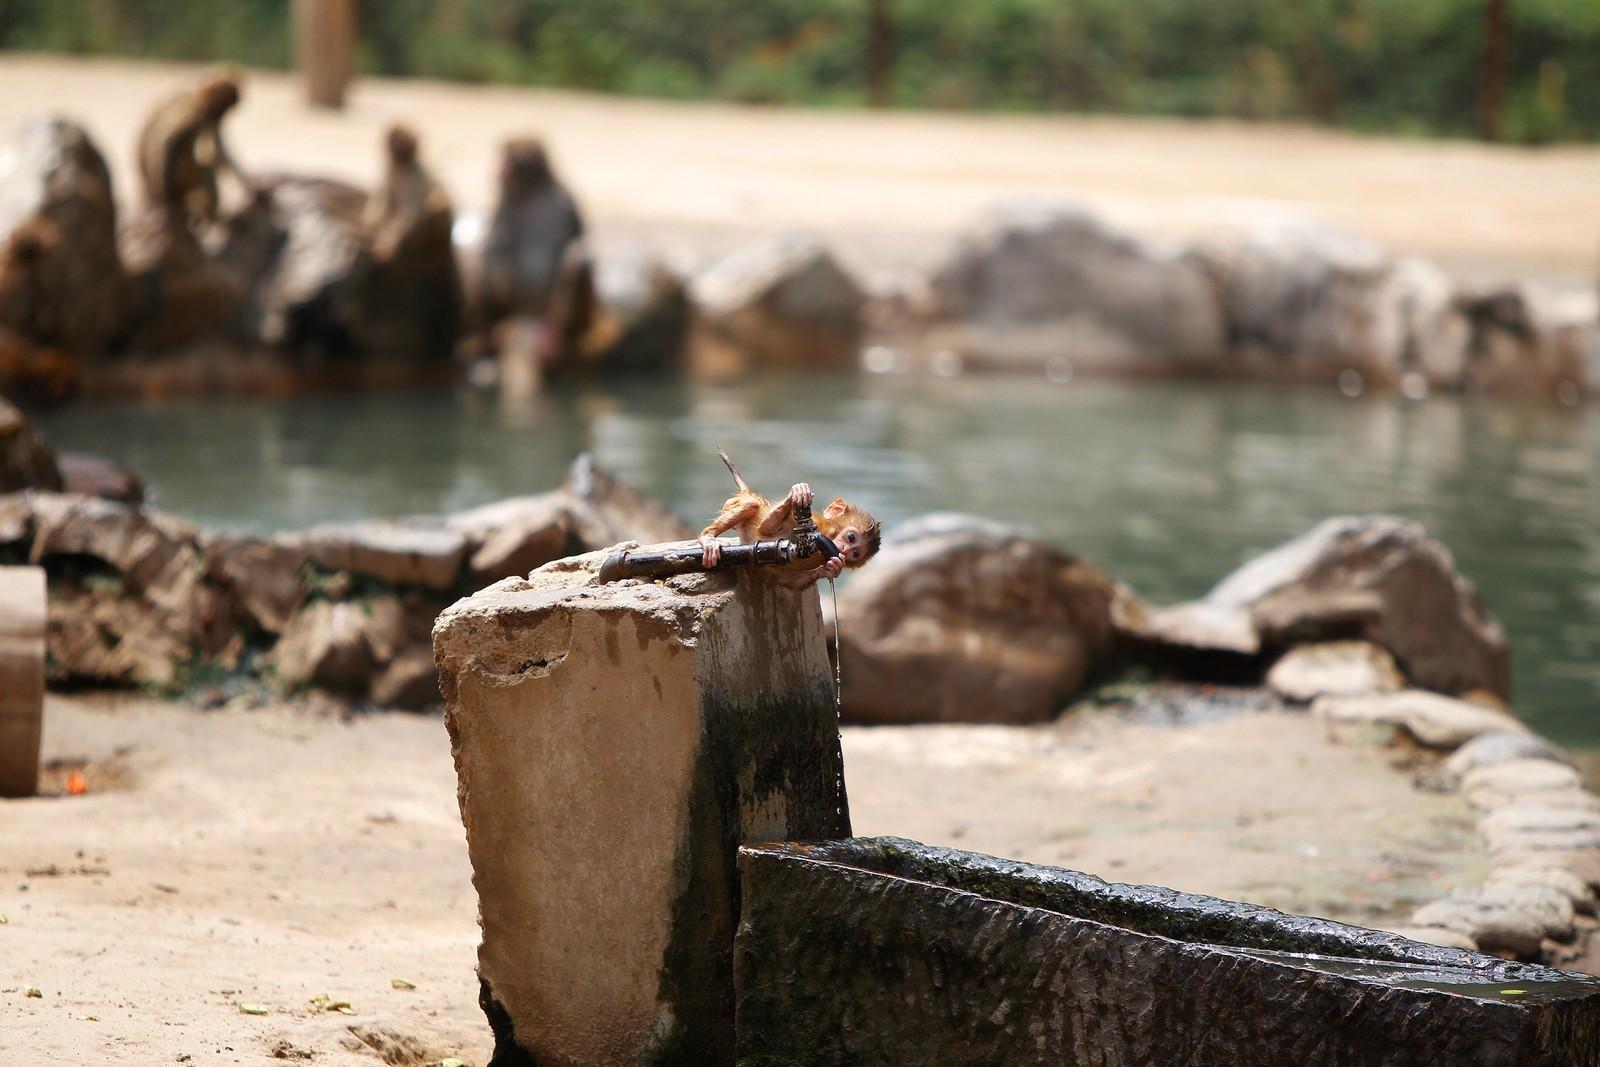 En bitteliten makake-ape slukker tørsten under en varm dag i en dyrehage i Zengshou i Kina.